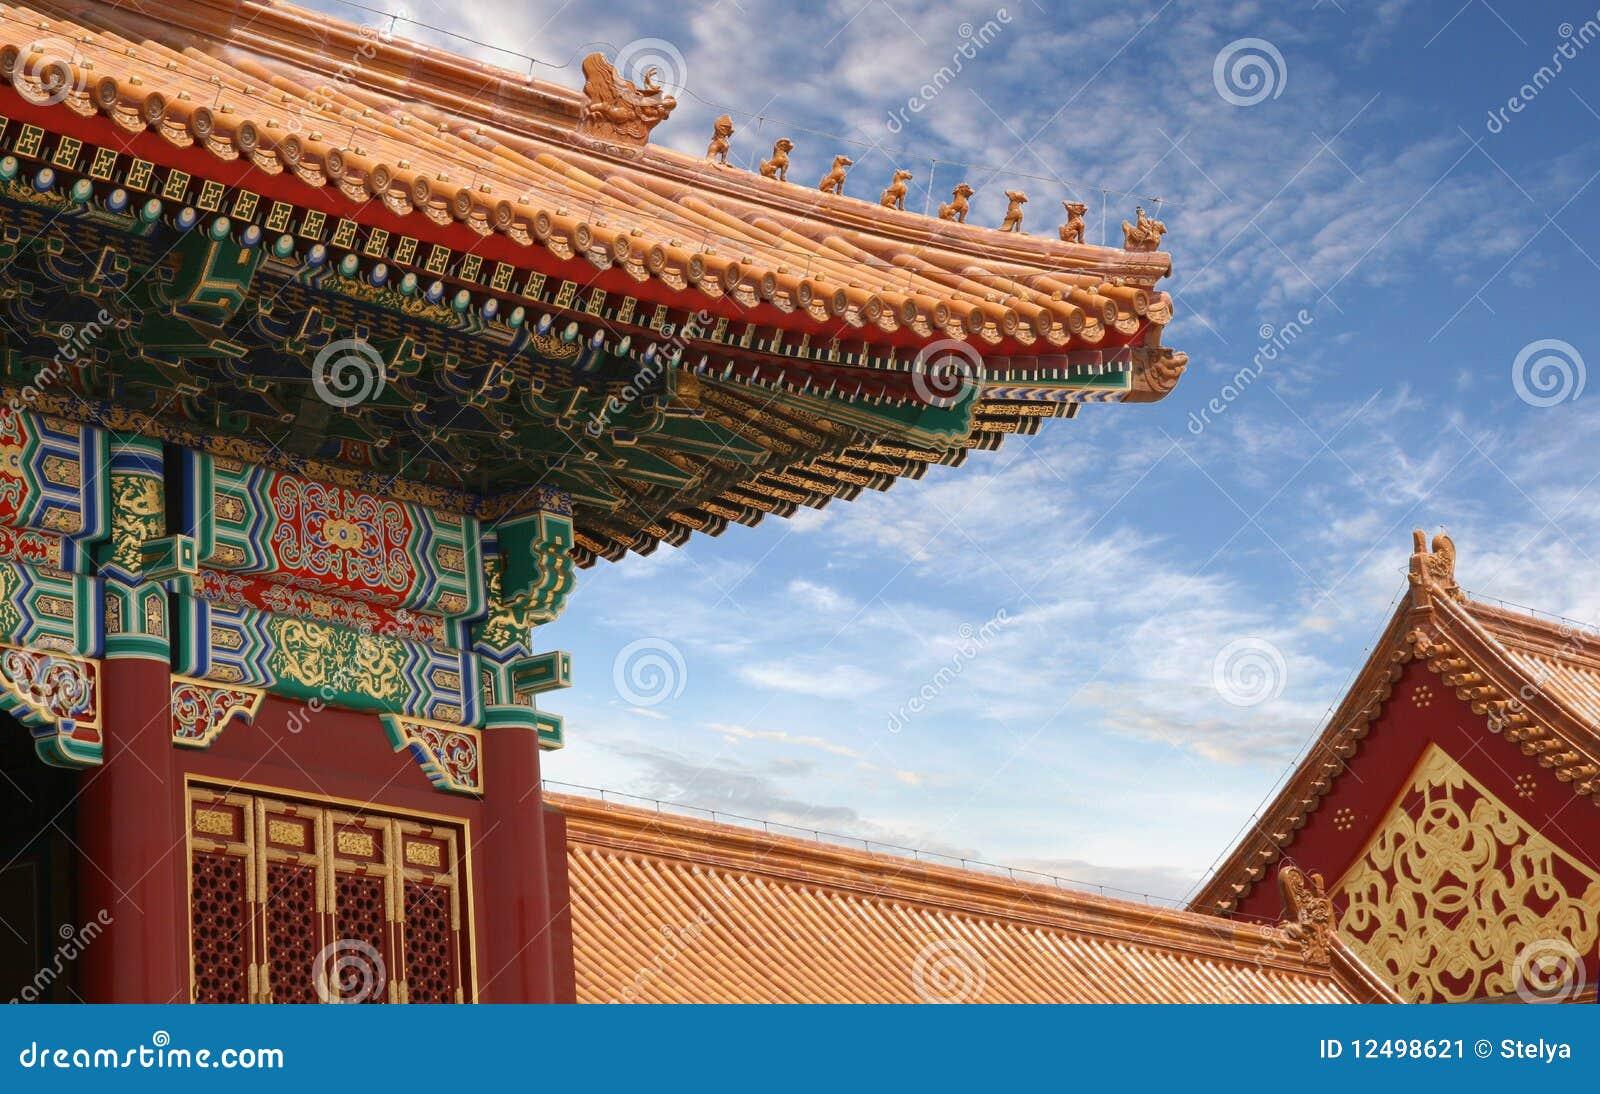 Traditionelle asiatische chinesische Architektur